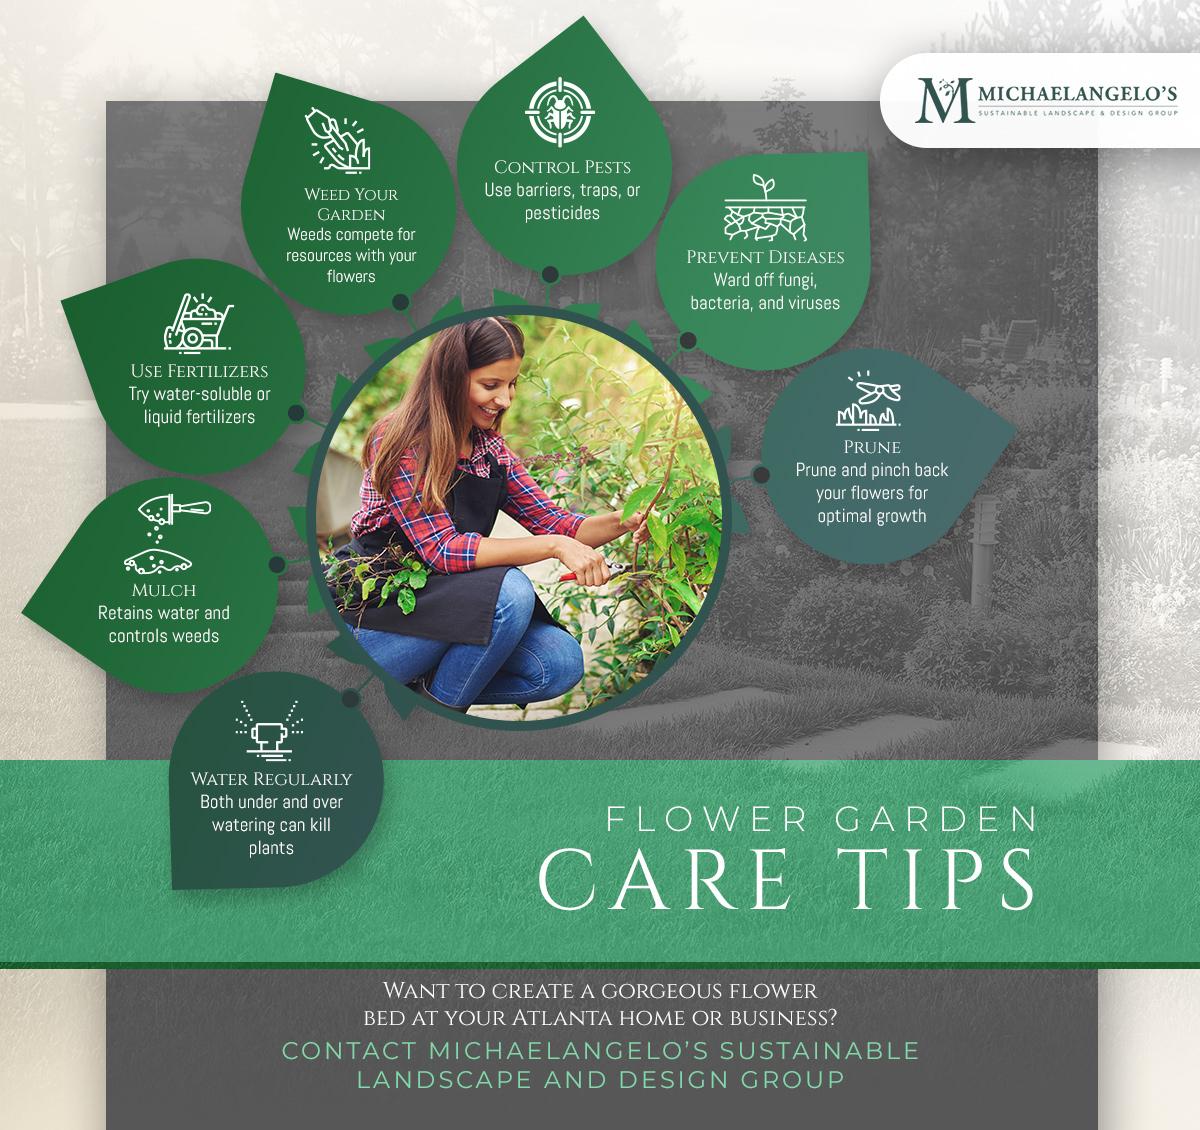 flower garden care tips infographic